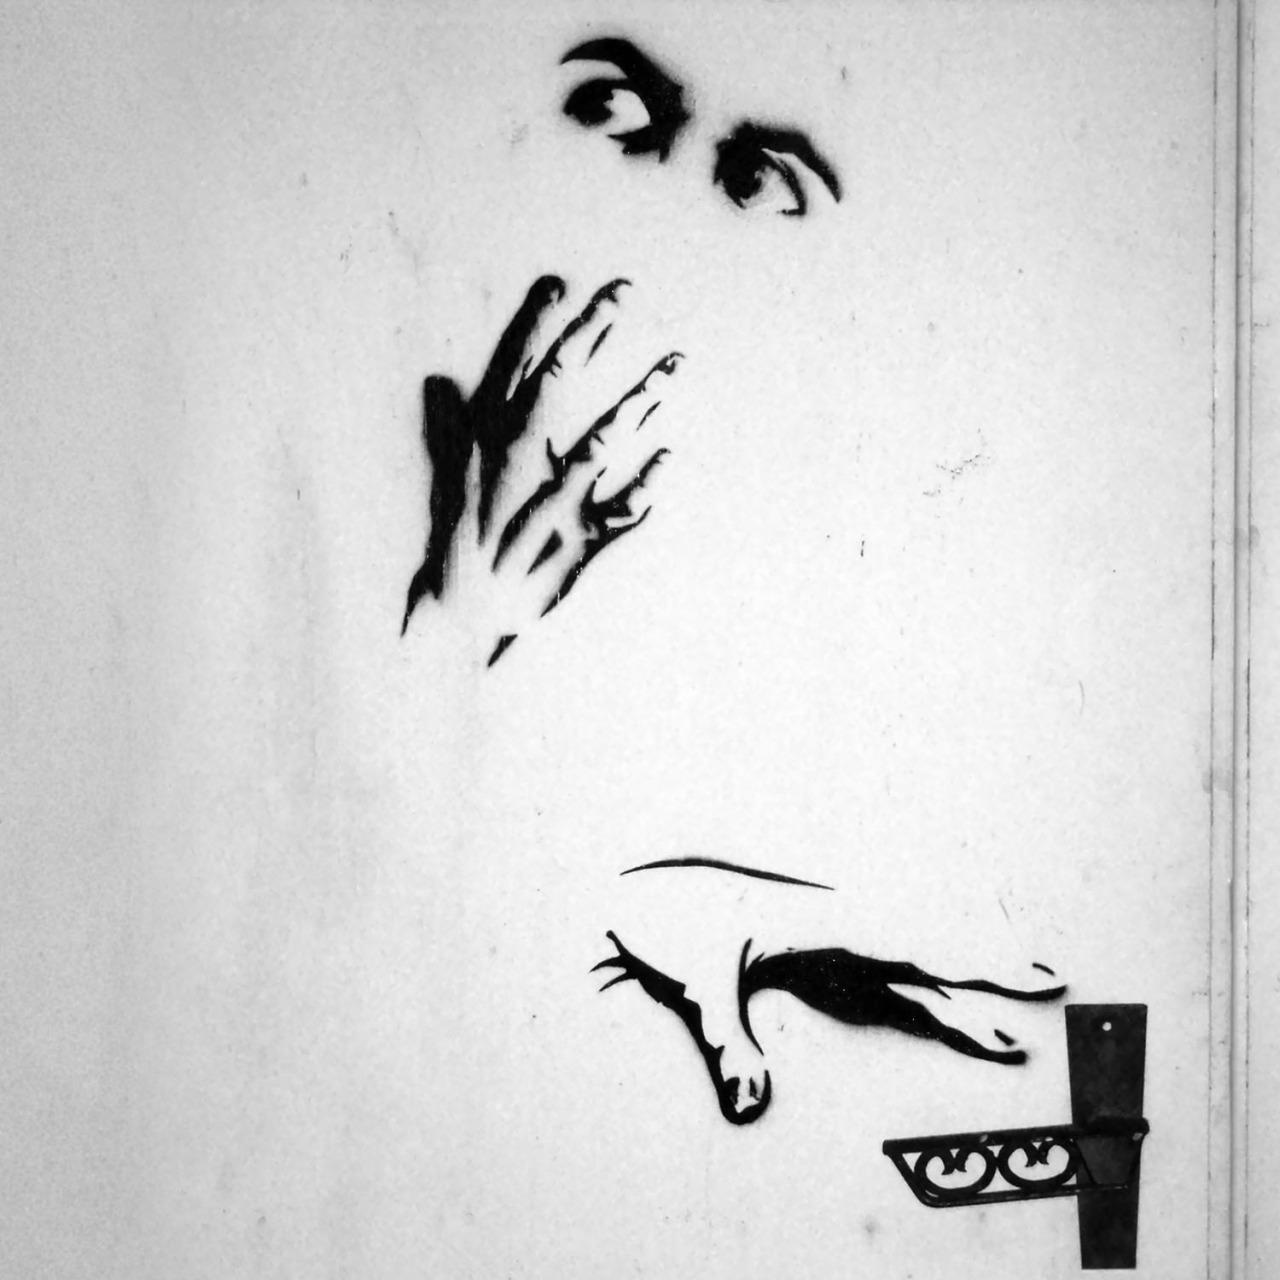 een geschrokken persoon wilt ontsnappen